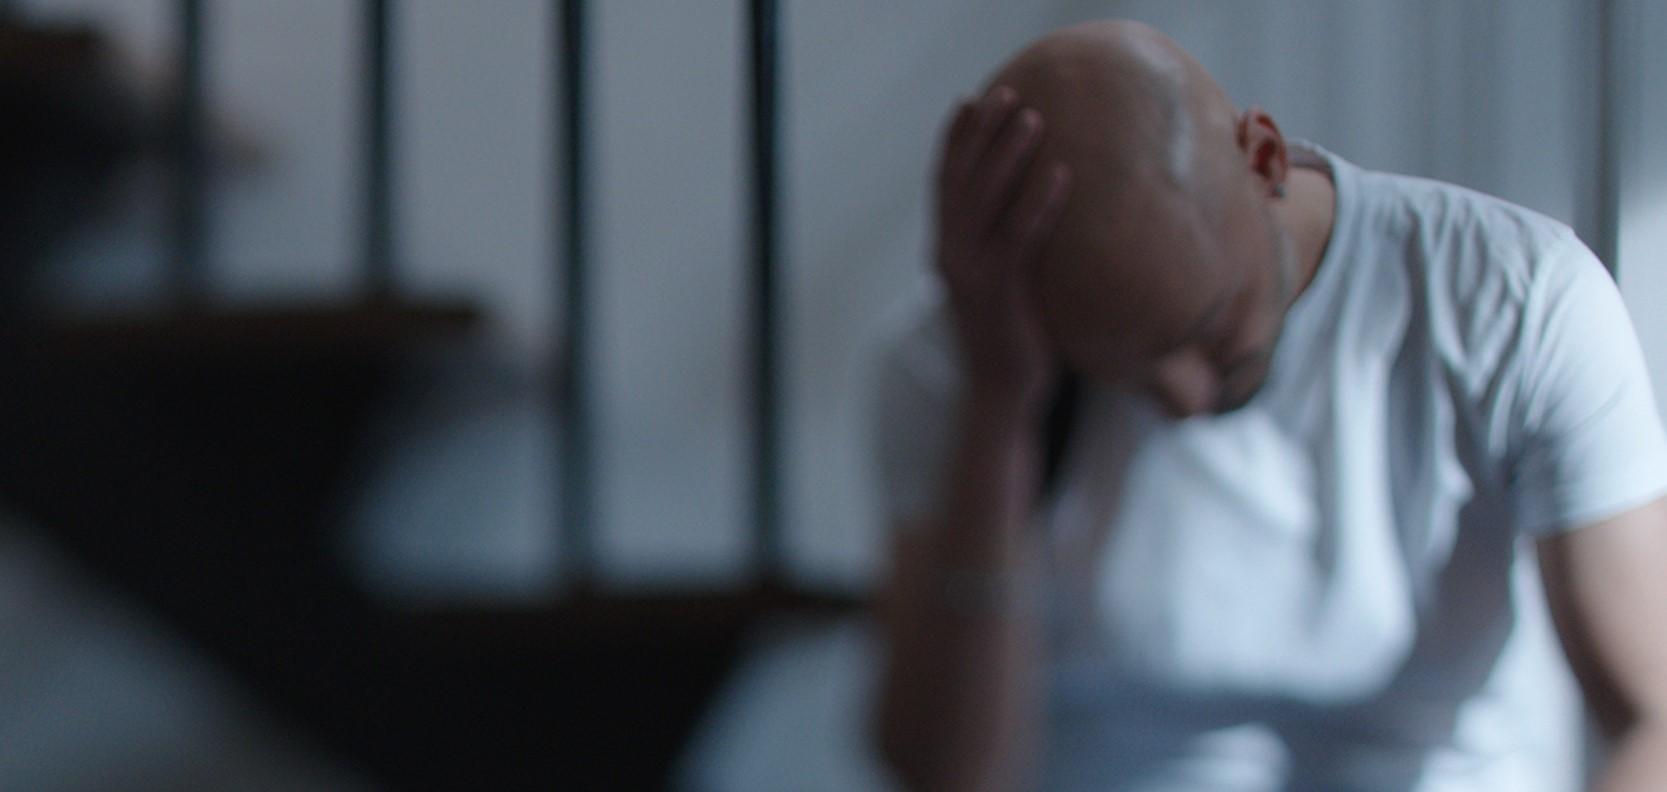 Il caso Pantani - L'omicidio di un campione: una scena del film